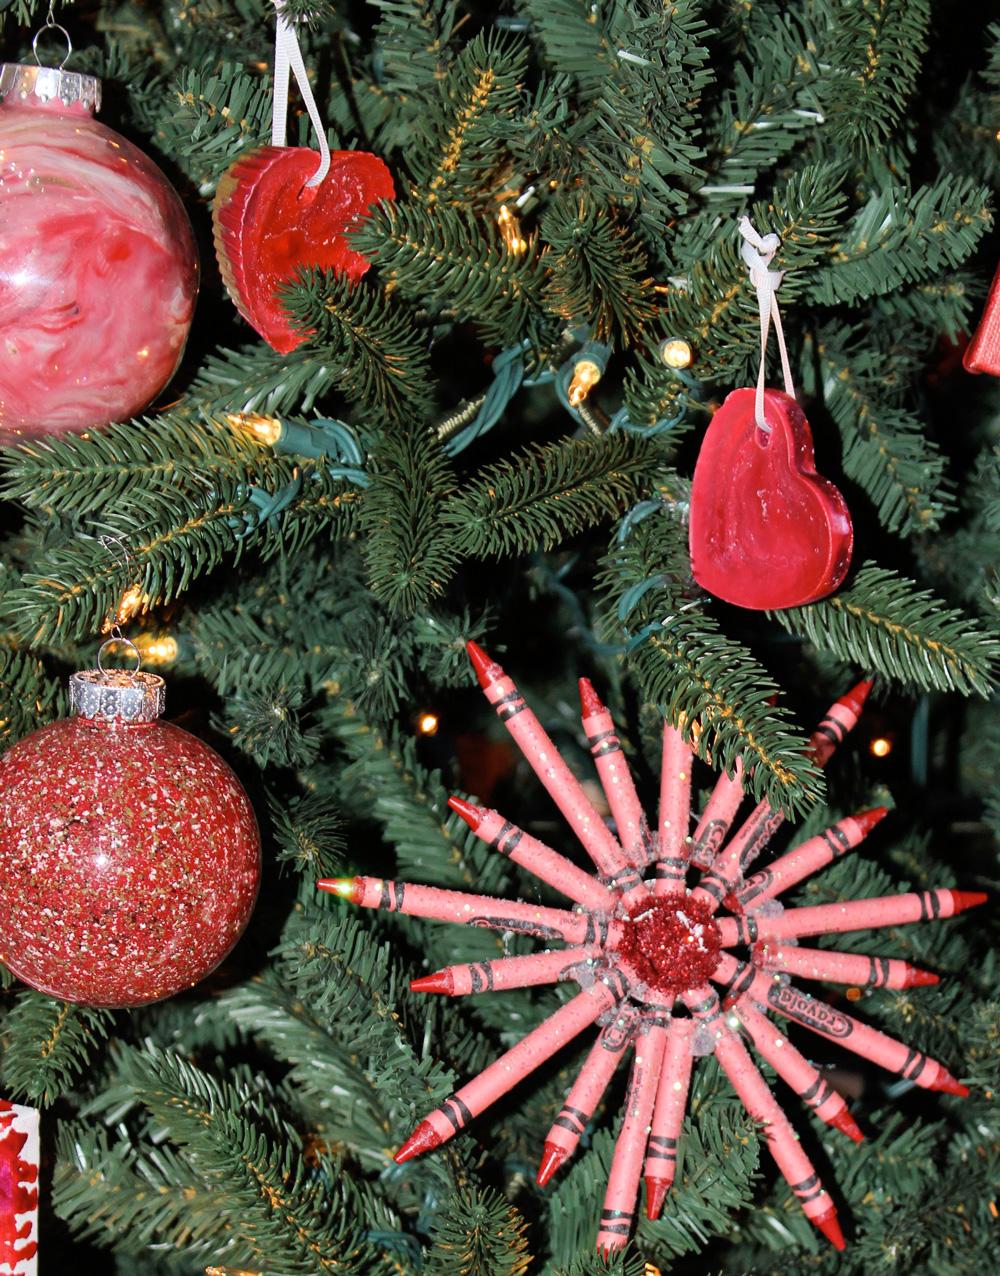 Crayon ornaments